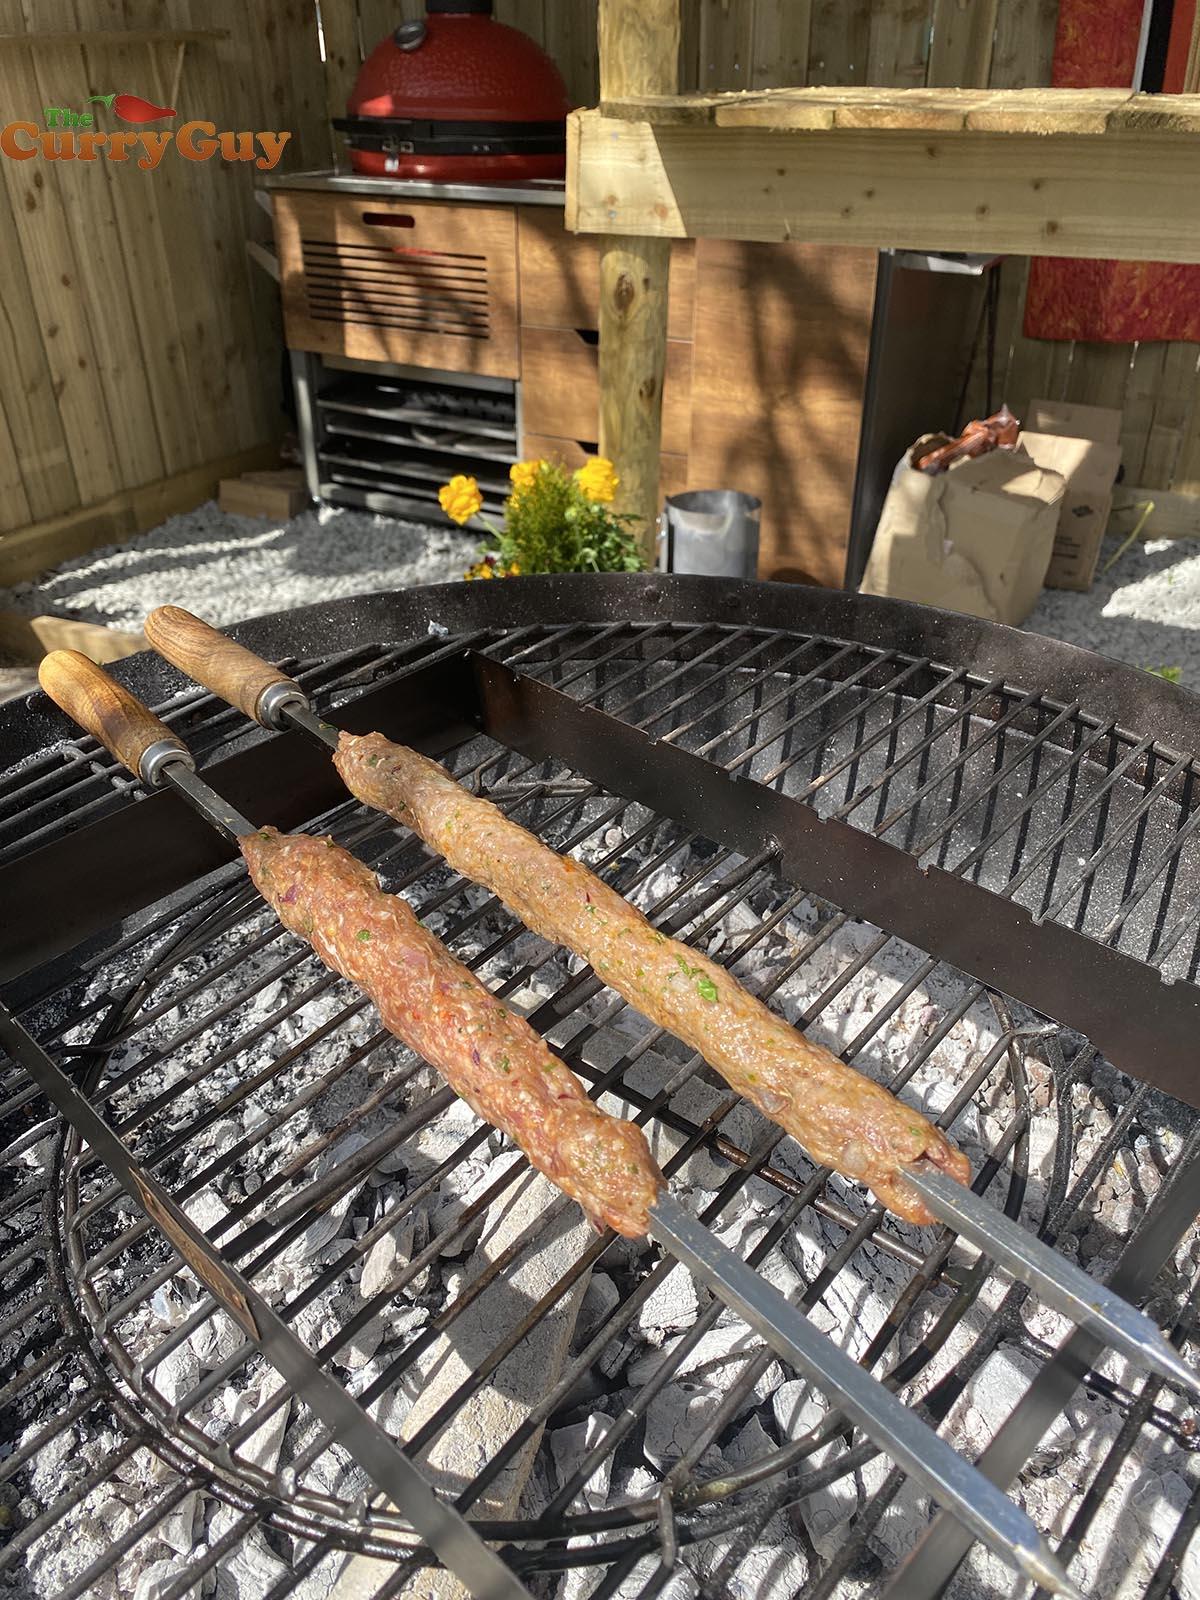 Kebabs cooking over coals.